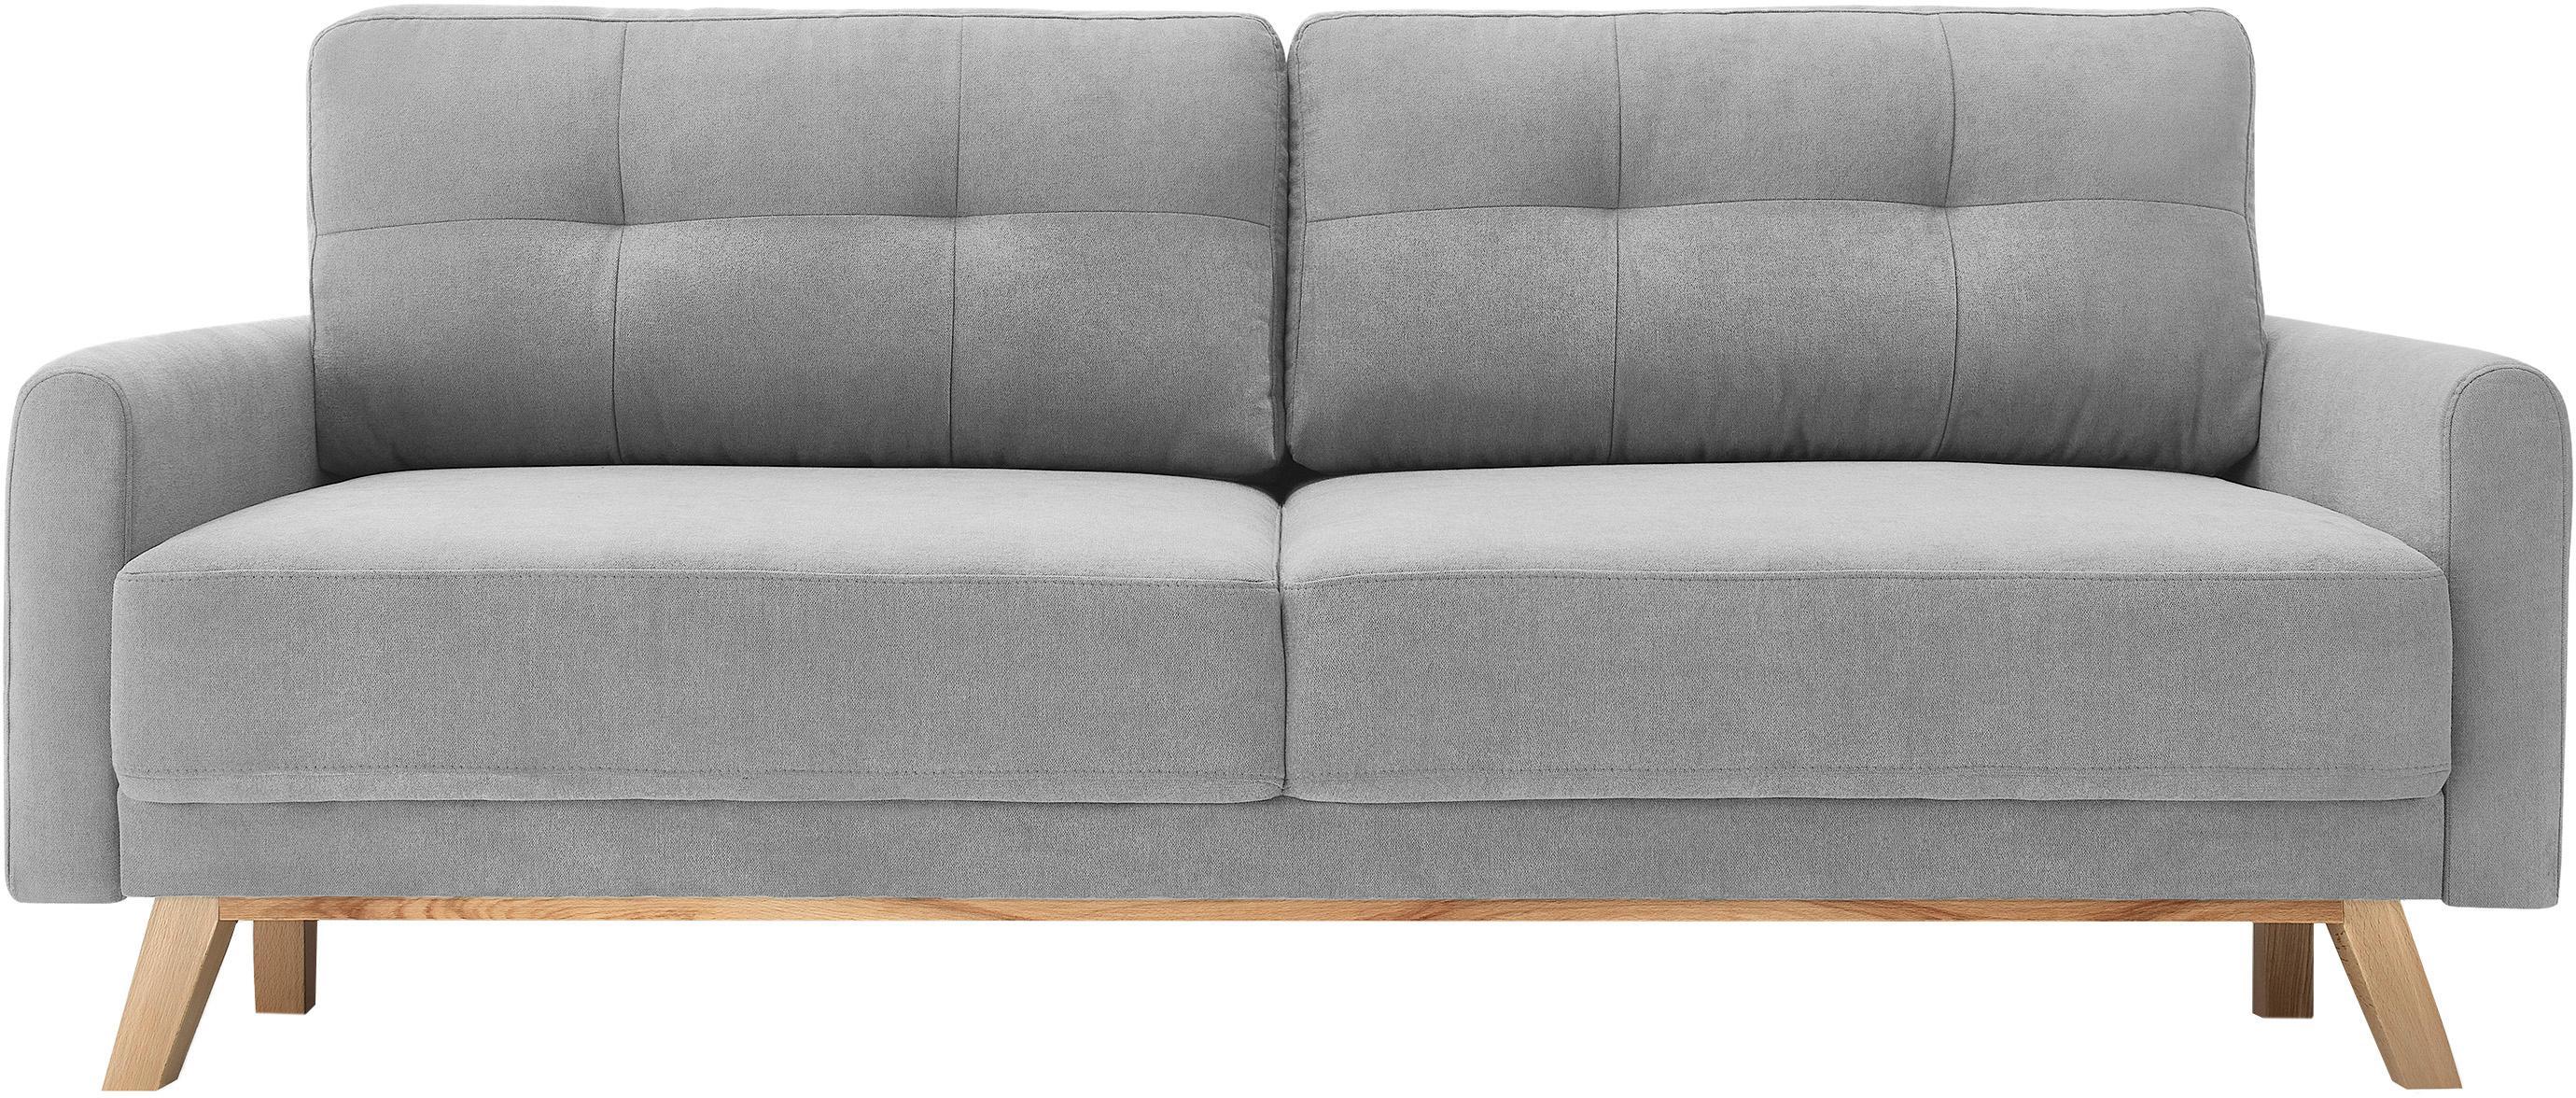 Sofá cama de terciopelo Balio (3plazas), Tapizado: 100%terciopelo de poliés, Patas: metal pintado, Estructura: madera maciza, aglomerado, Terciopelo gris claro, An 216 x F 86 cm